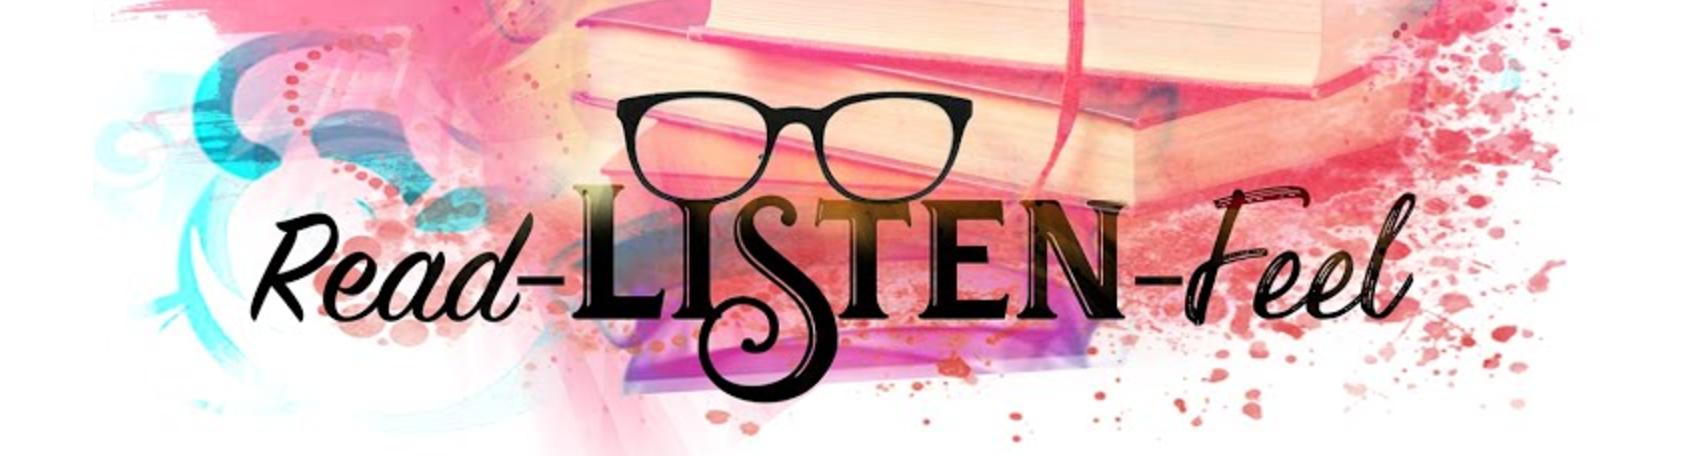 Read-Listen-Feel